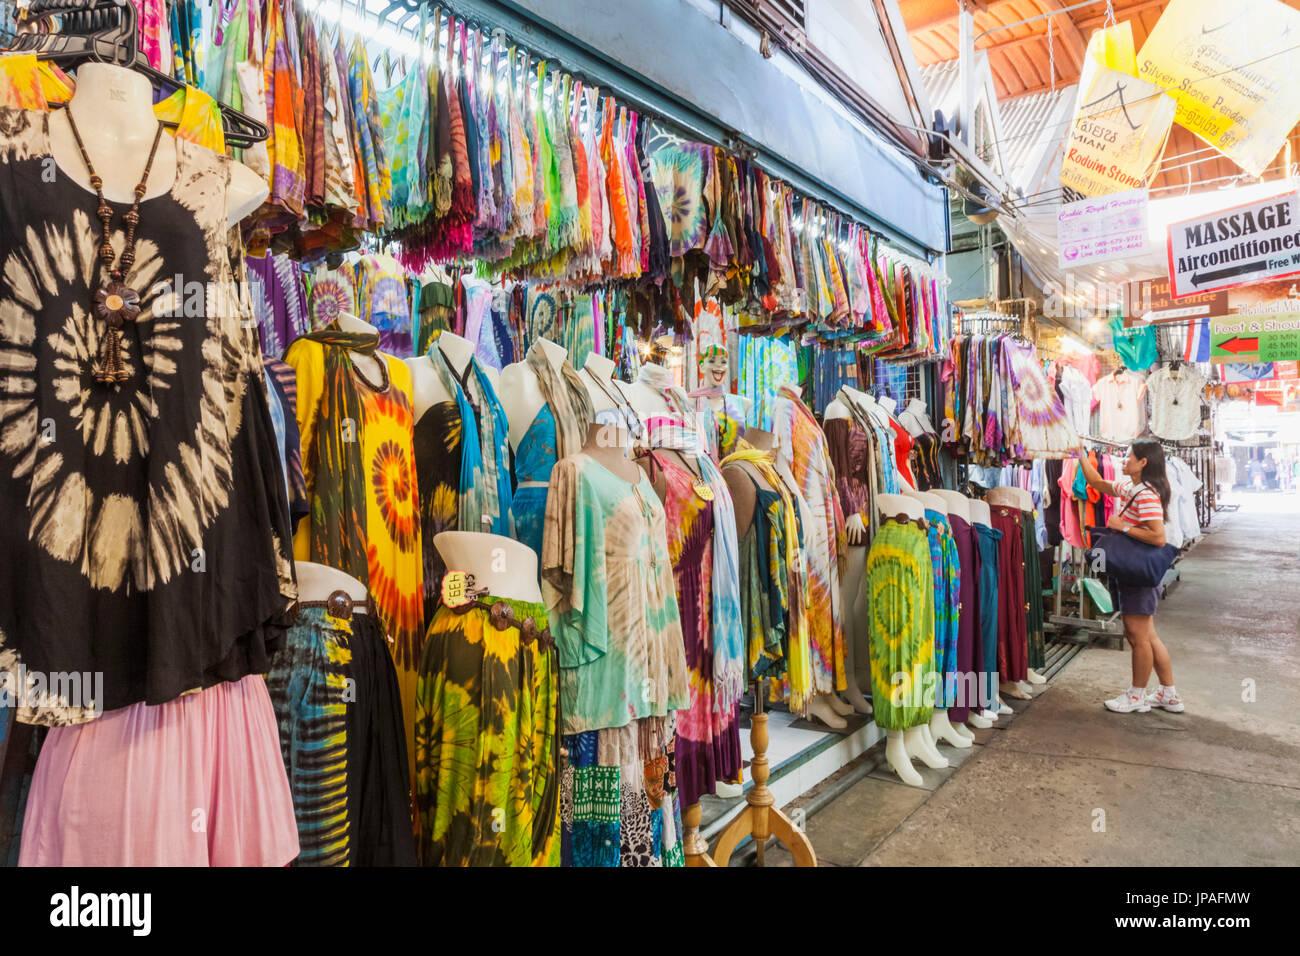 thailand bangkok chatuchak market display of womens clothing